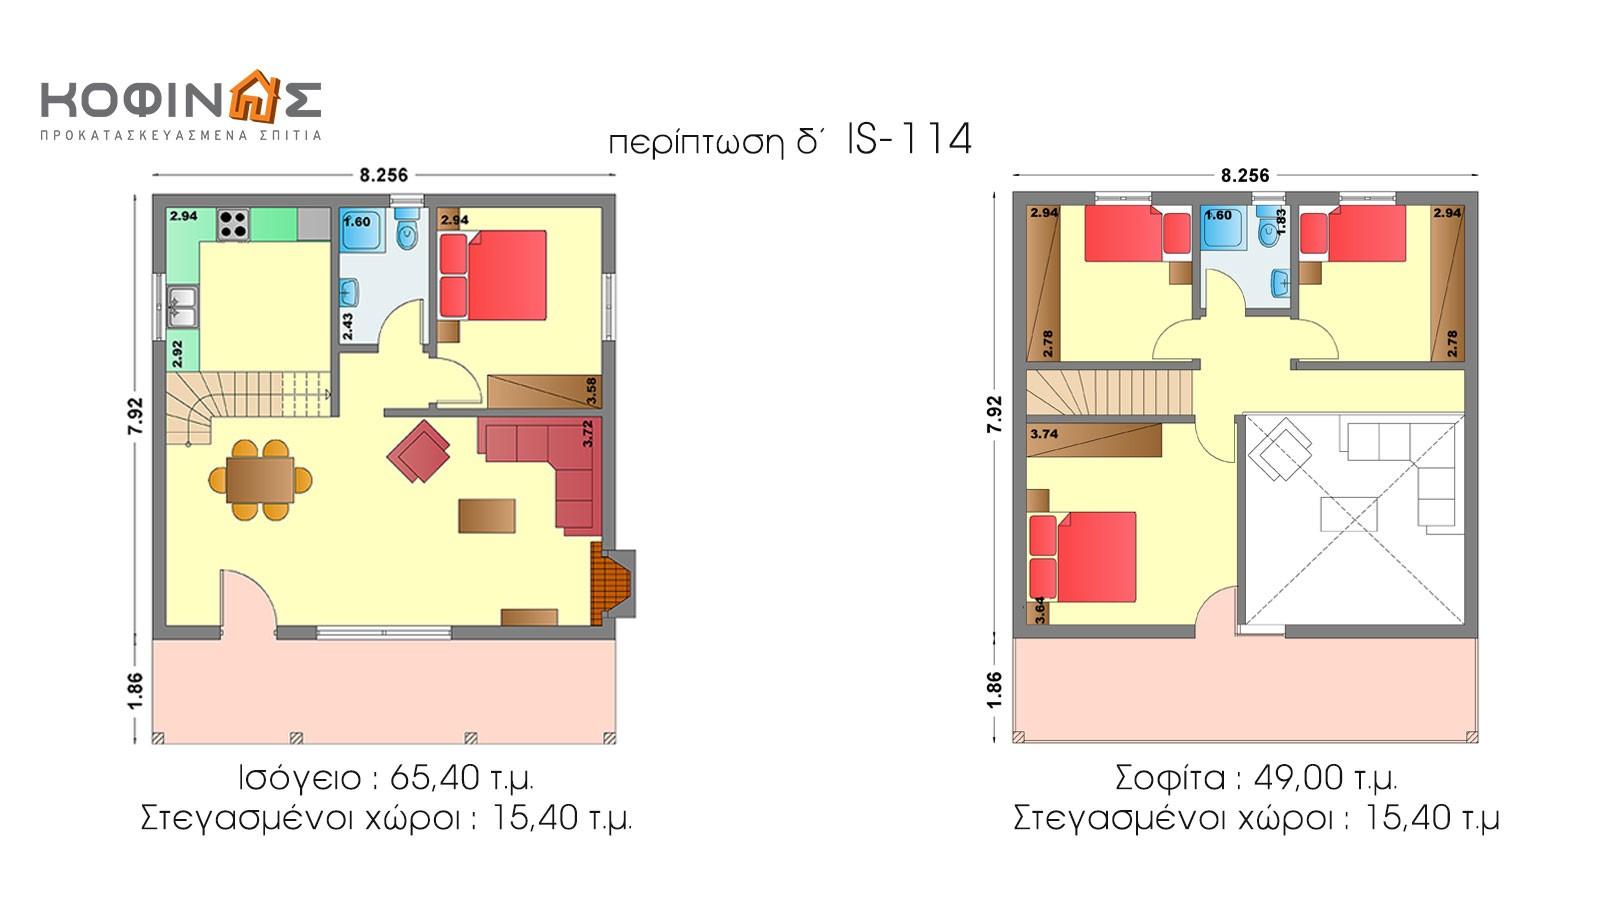 Ισόγεια Κατοικία με Σοφίτα IS-114, συνολικής επιφάνειας 114,40 τ.μ.